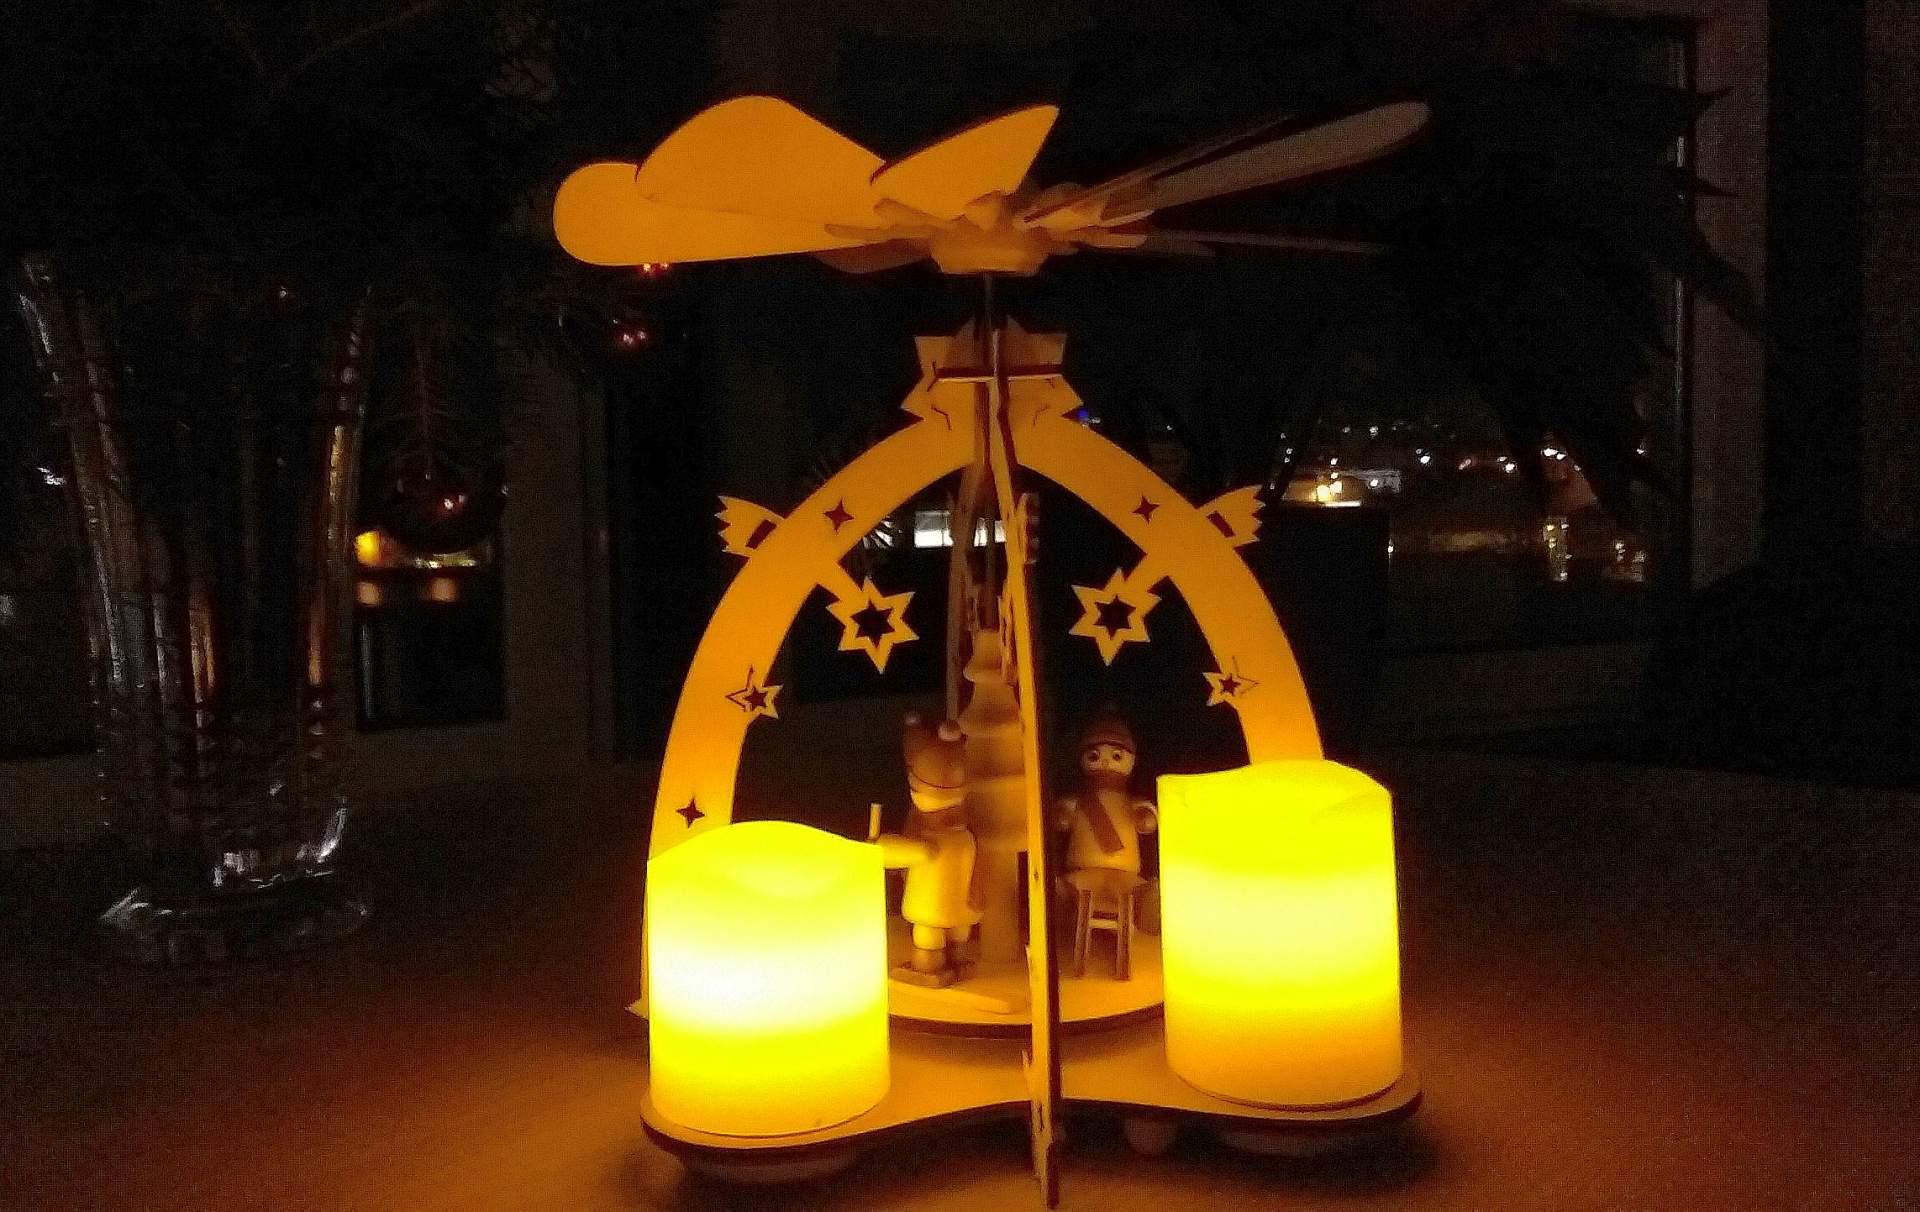 Eine kleine Holzpyramide mit Kerzen und Figuren